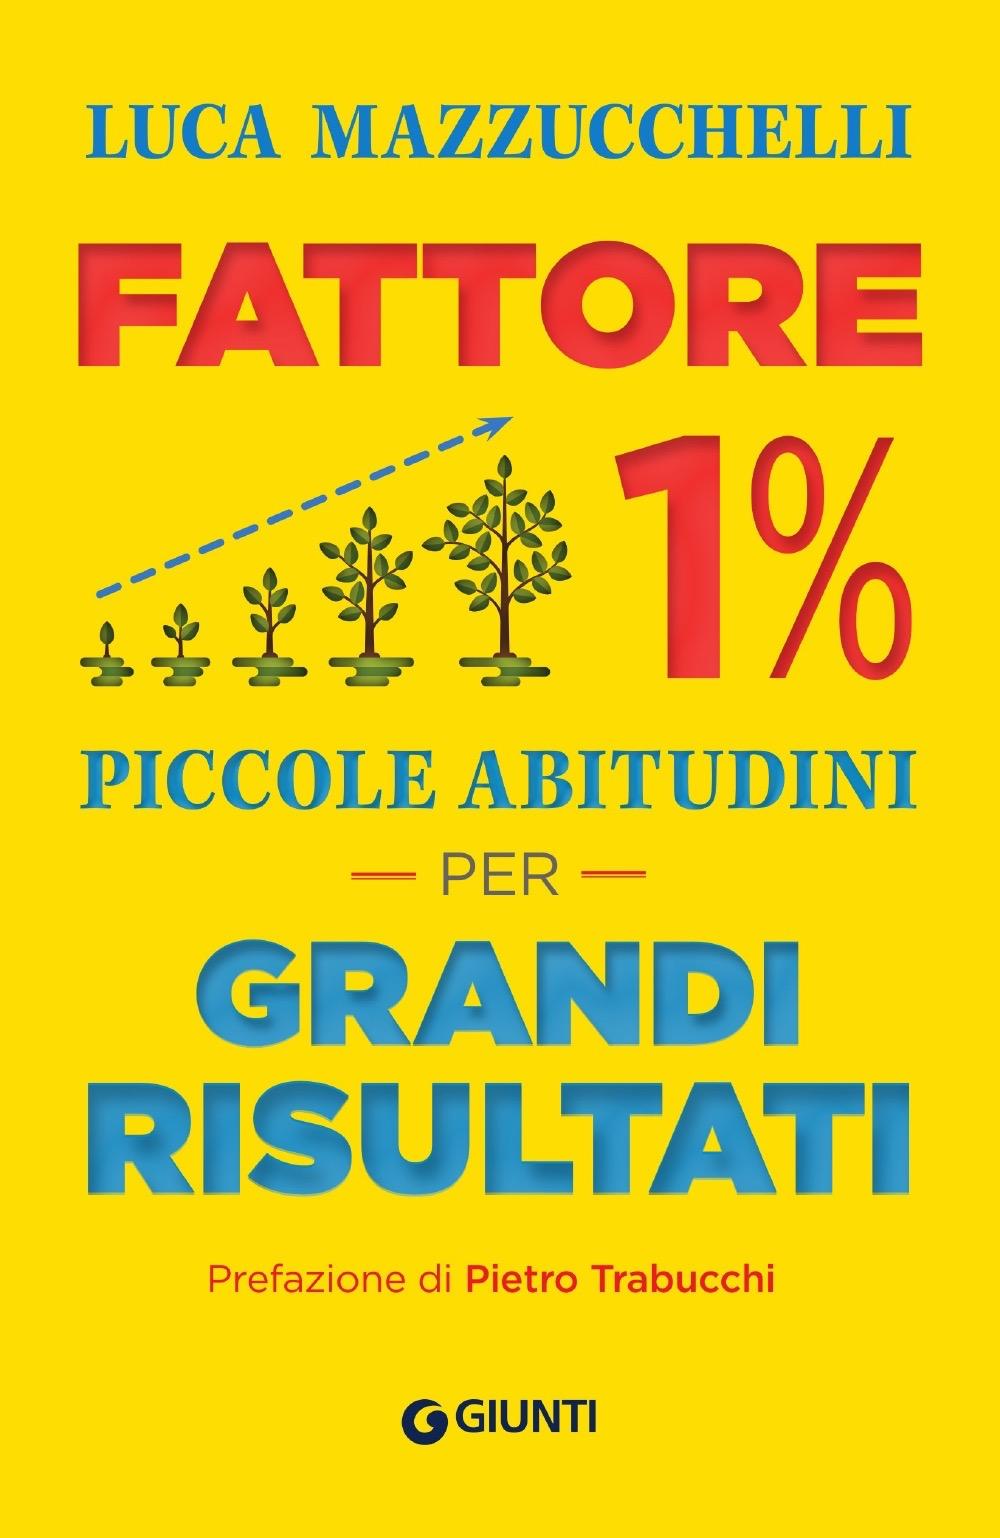 FATTORE 1% di Gianluca Mazzucchelli, Giunti